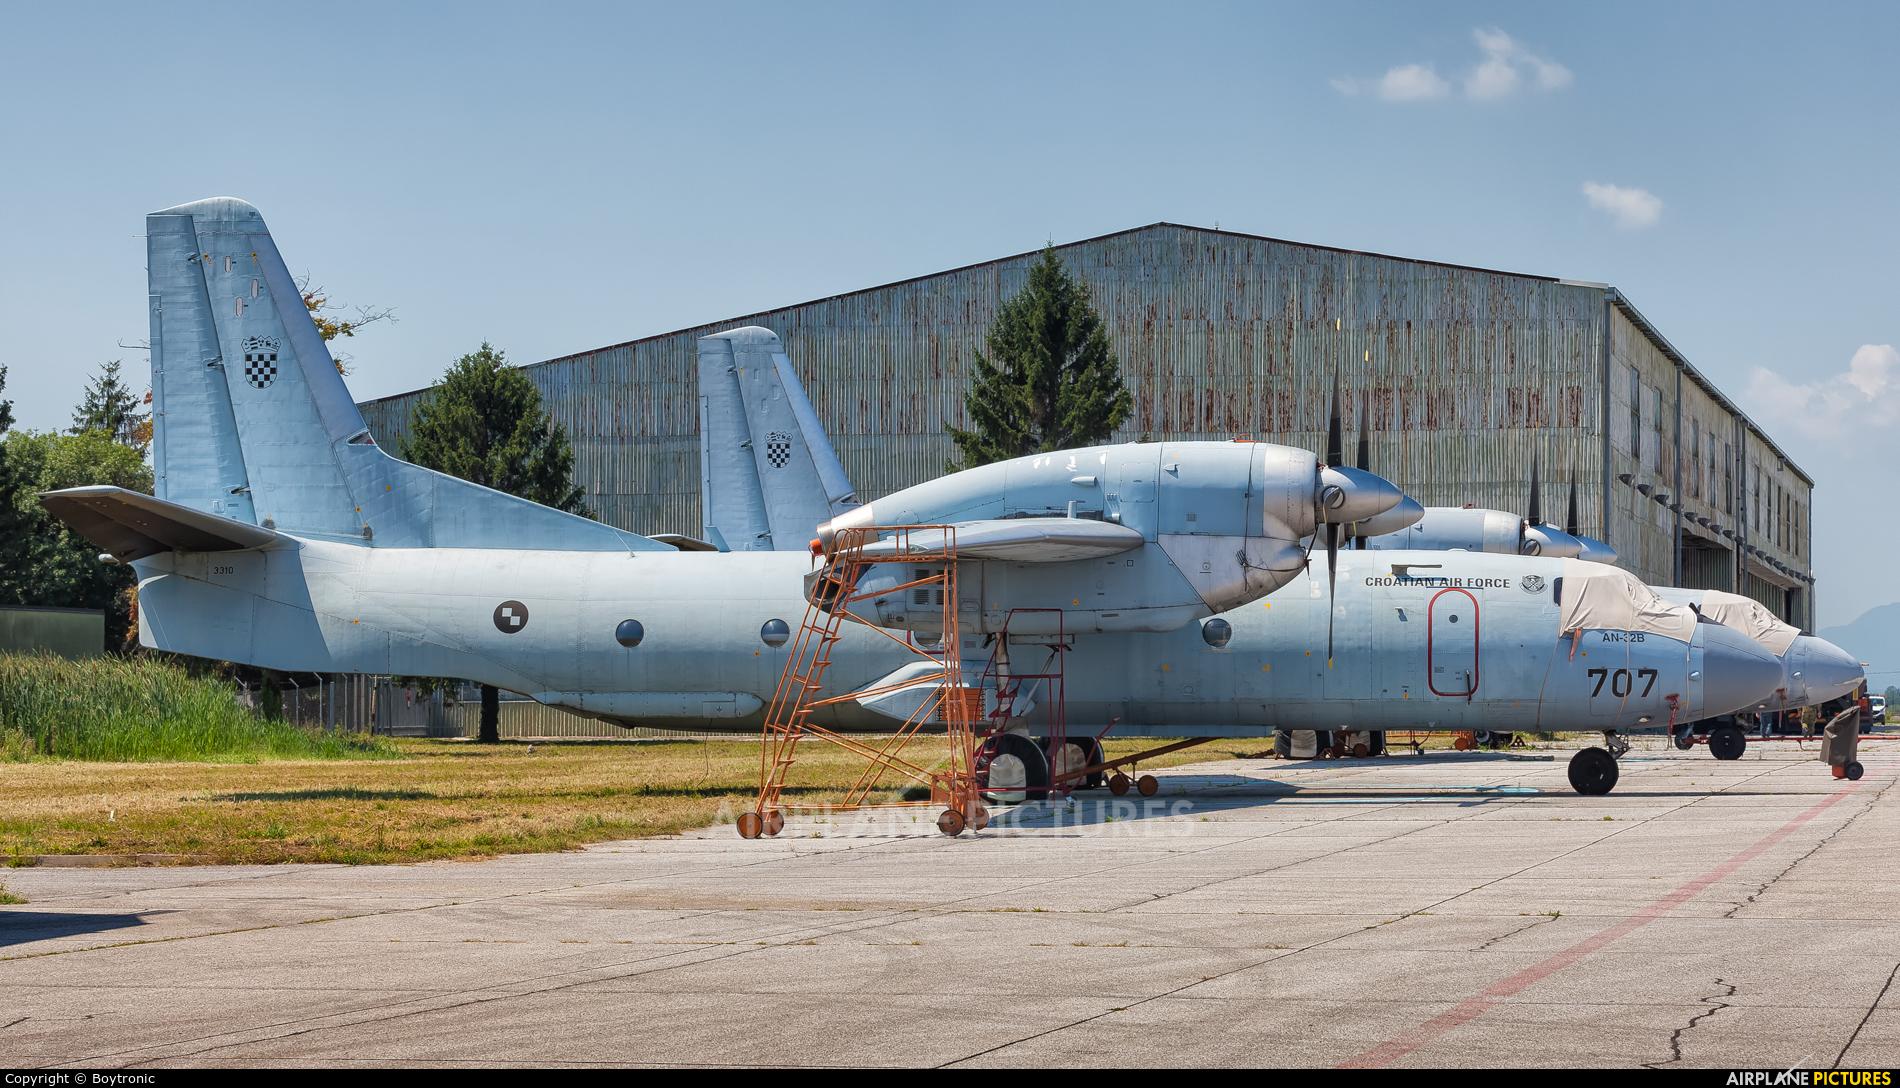 Croatia - Air Force 707 aircraft at Zagreb